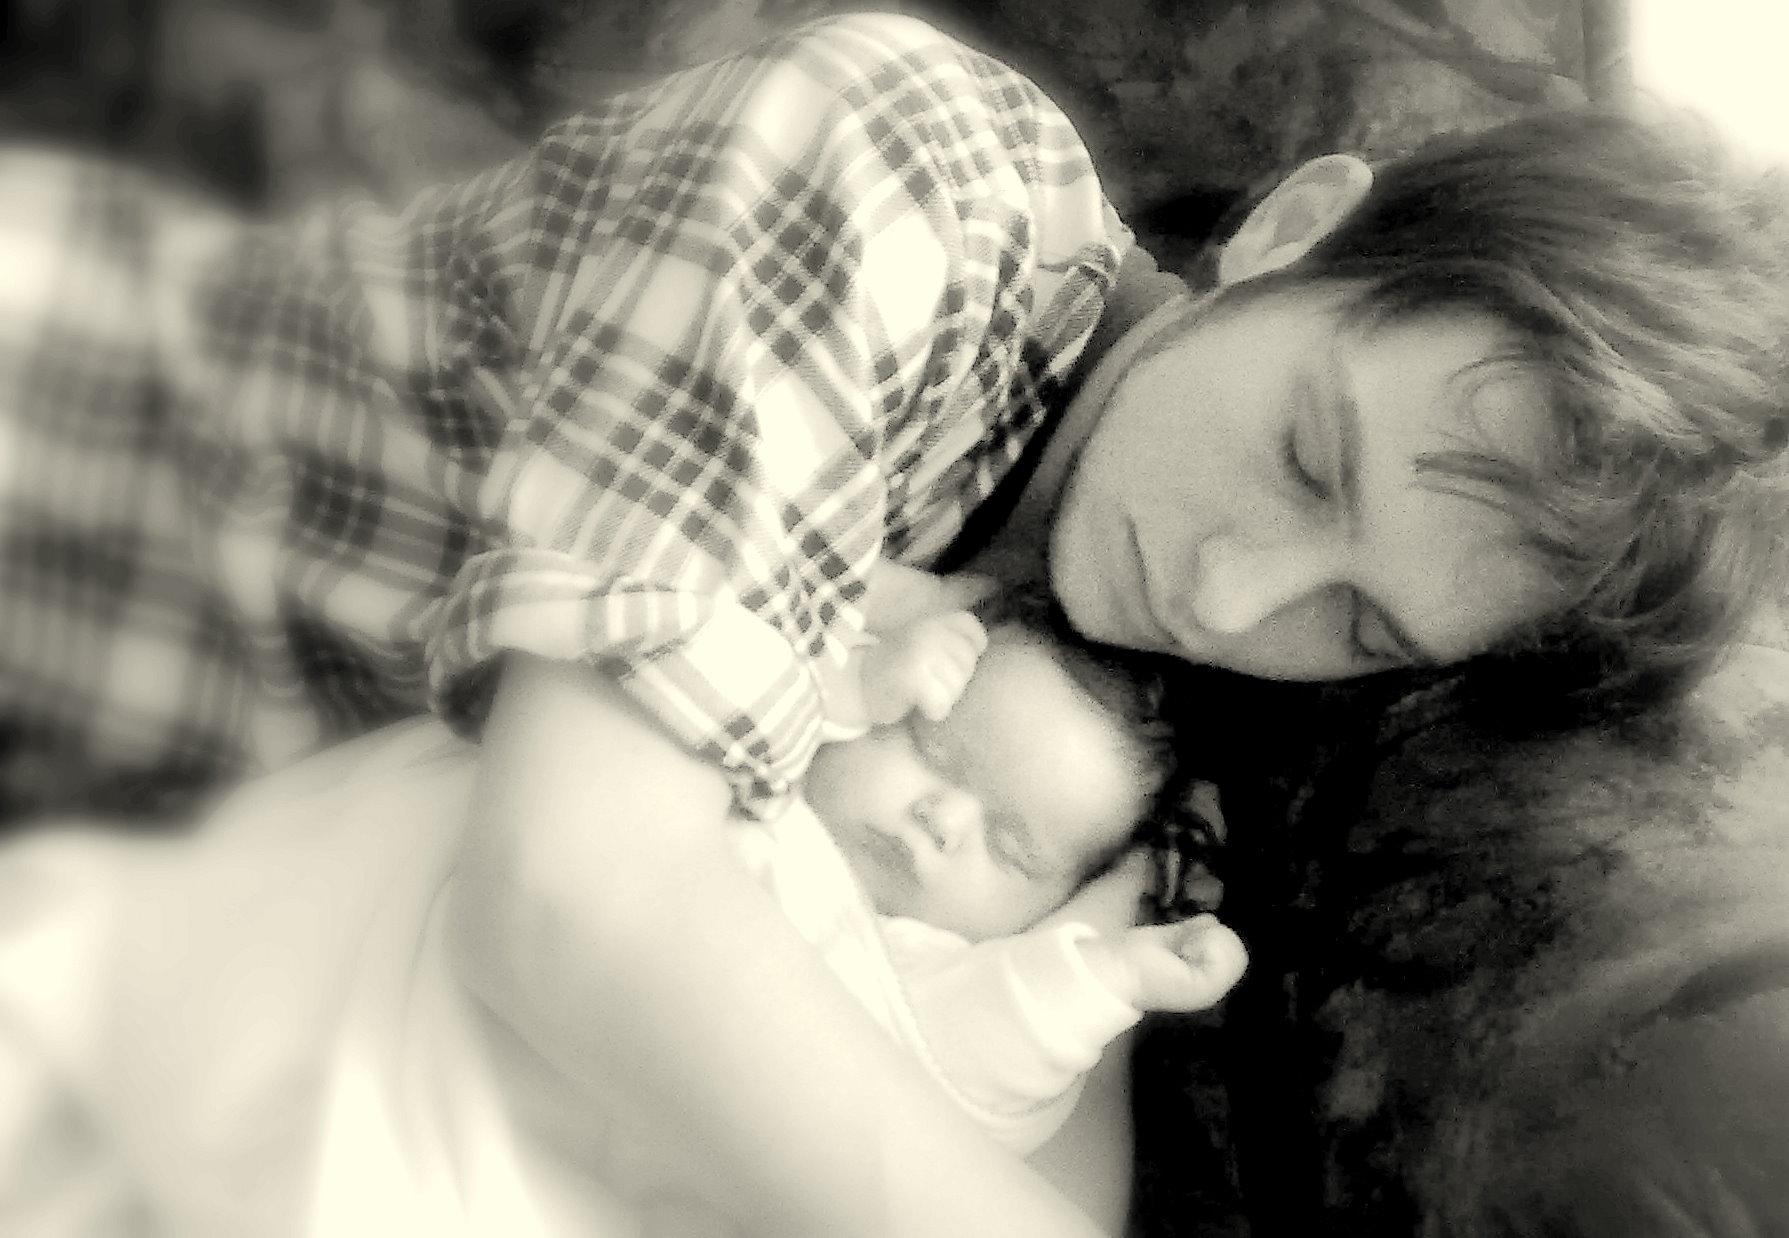 'Отцы и Дети' - На 10-ом сне. Вместе с папой